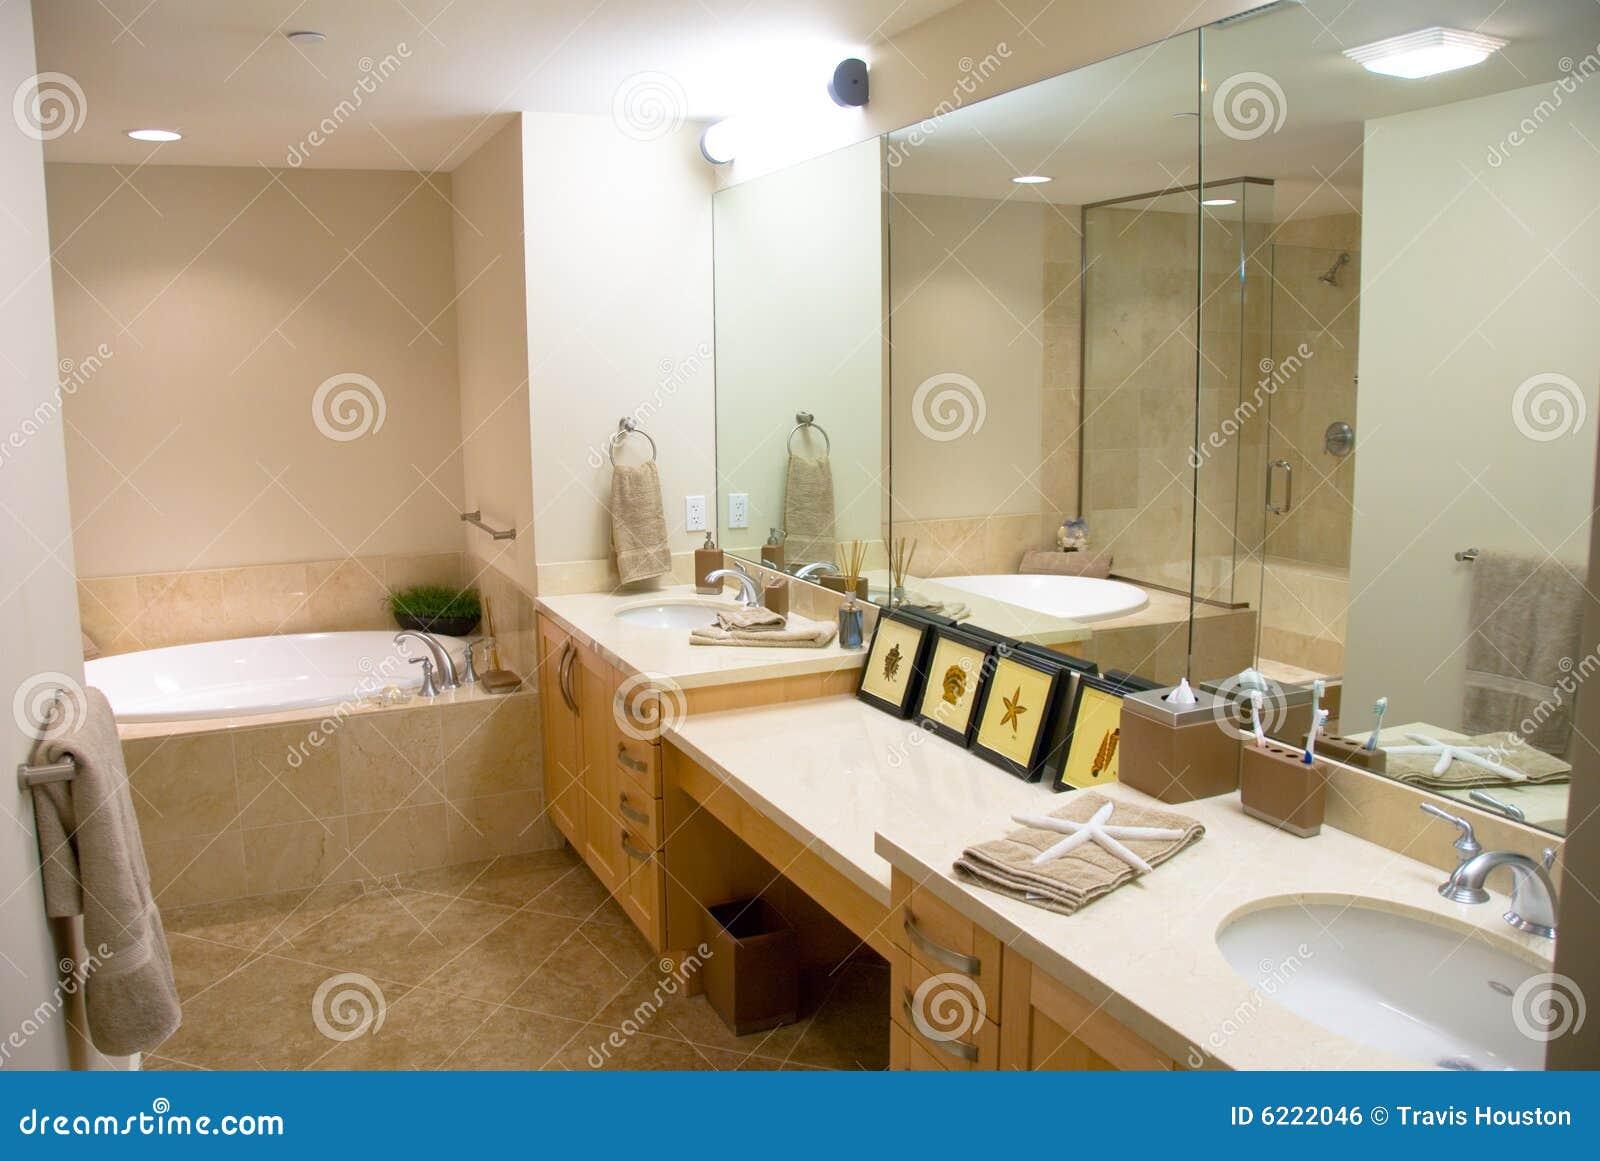 Baños Residenciales Modernos:Banheiro Do Desenhador Com Uma Cuba Moderna Imagem de Stock Royalty